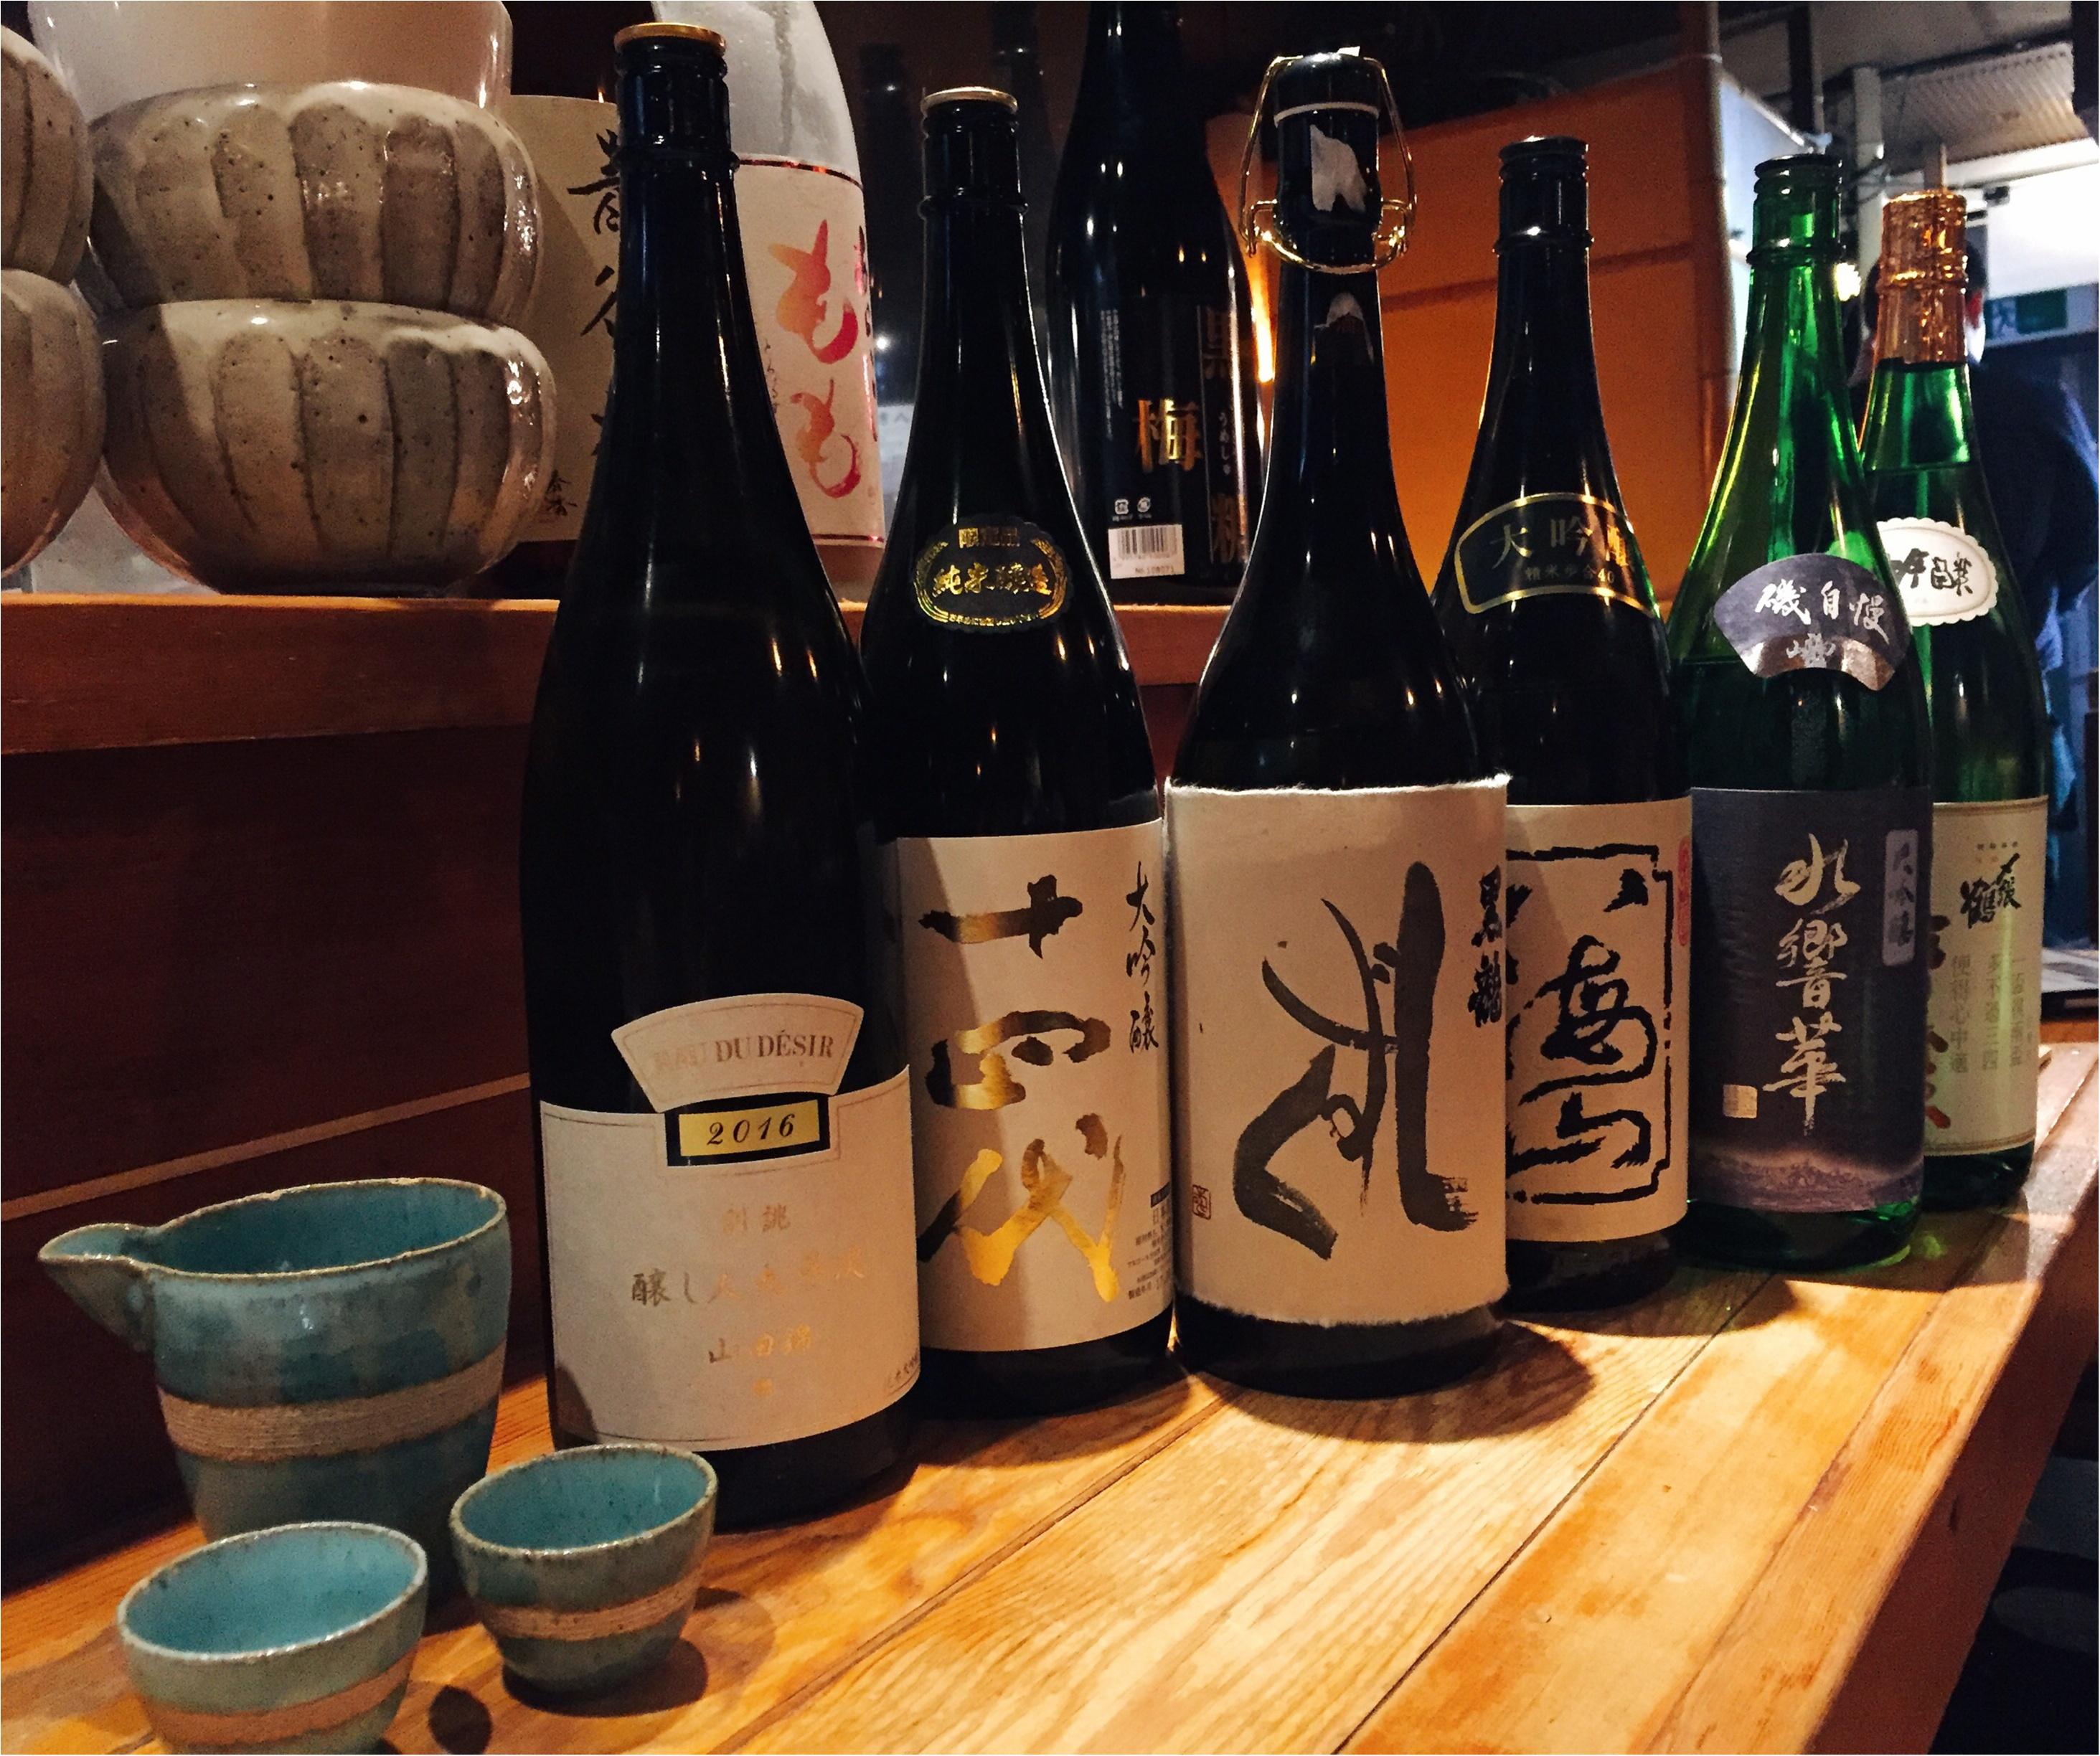 【恵比寿】そば・しゃぶしゃぶ・日本酒を楽しむなら『まにん』✨黒豚つけ麺そばが絶品〜♡_3_1